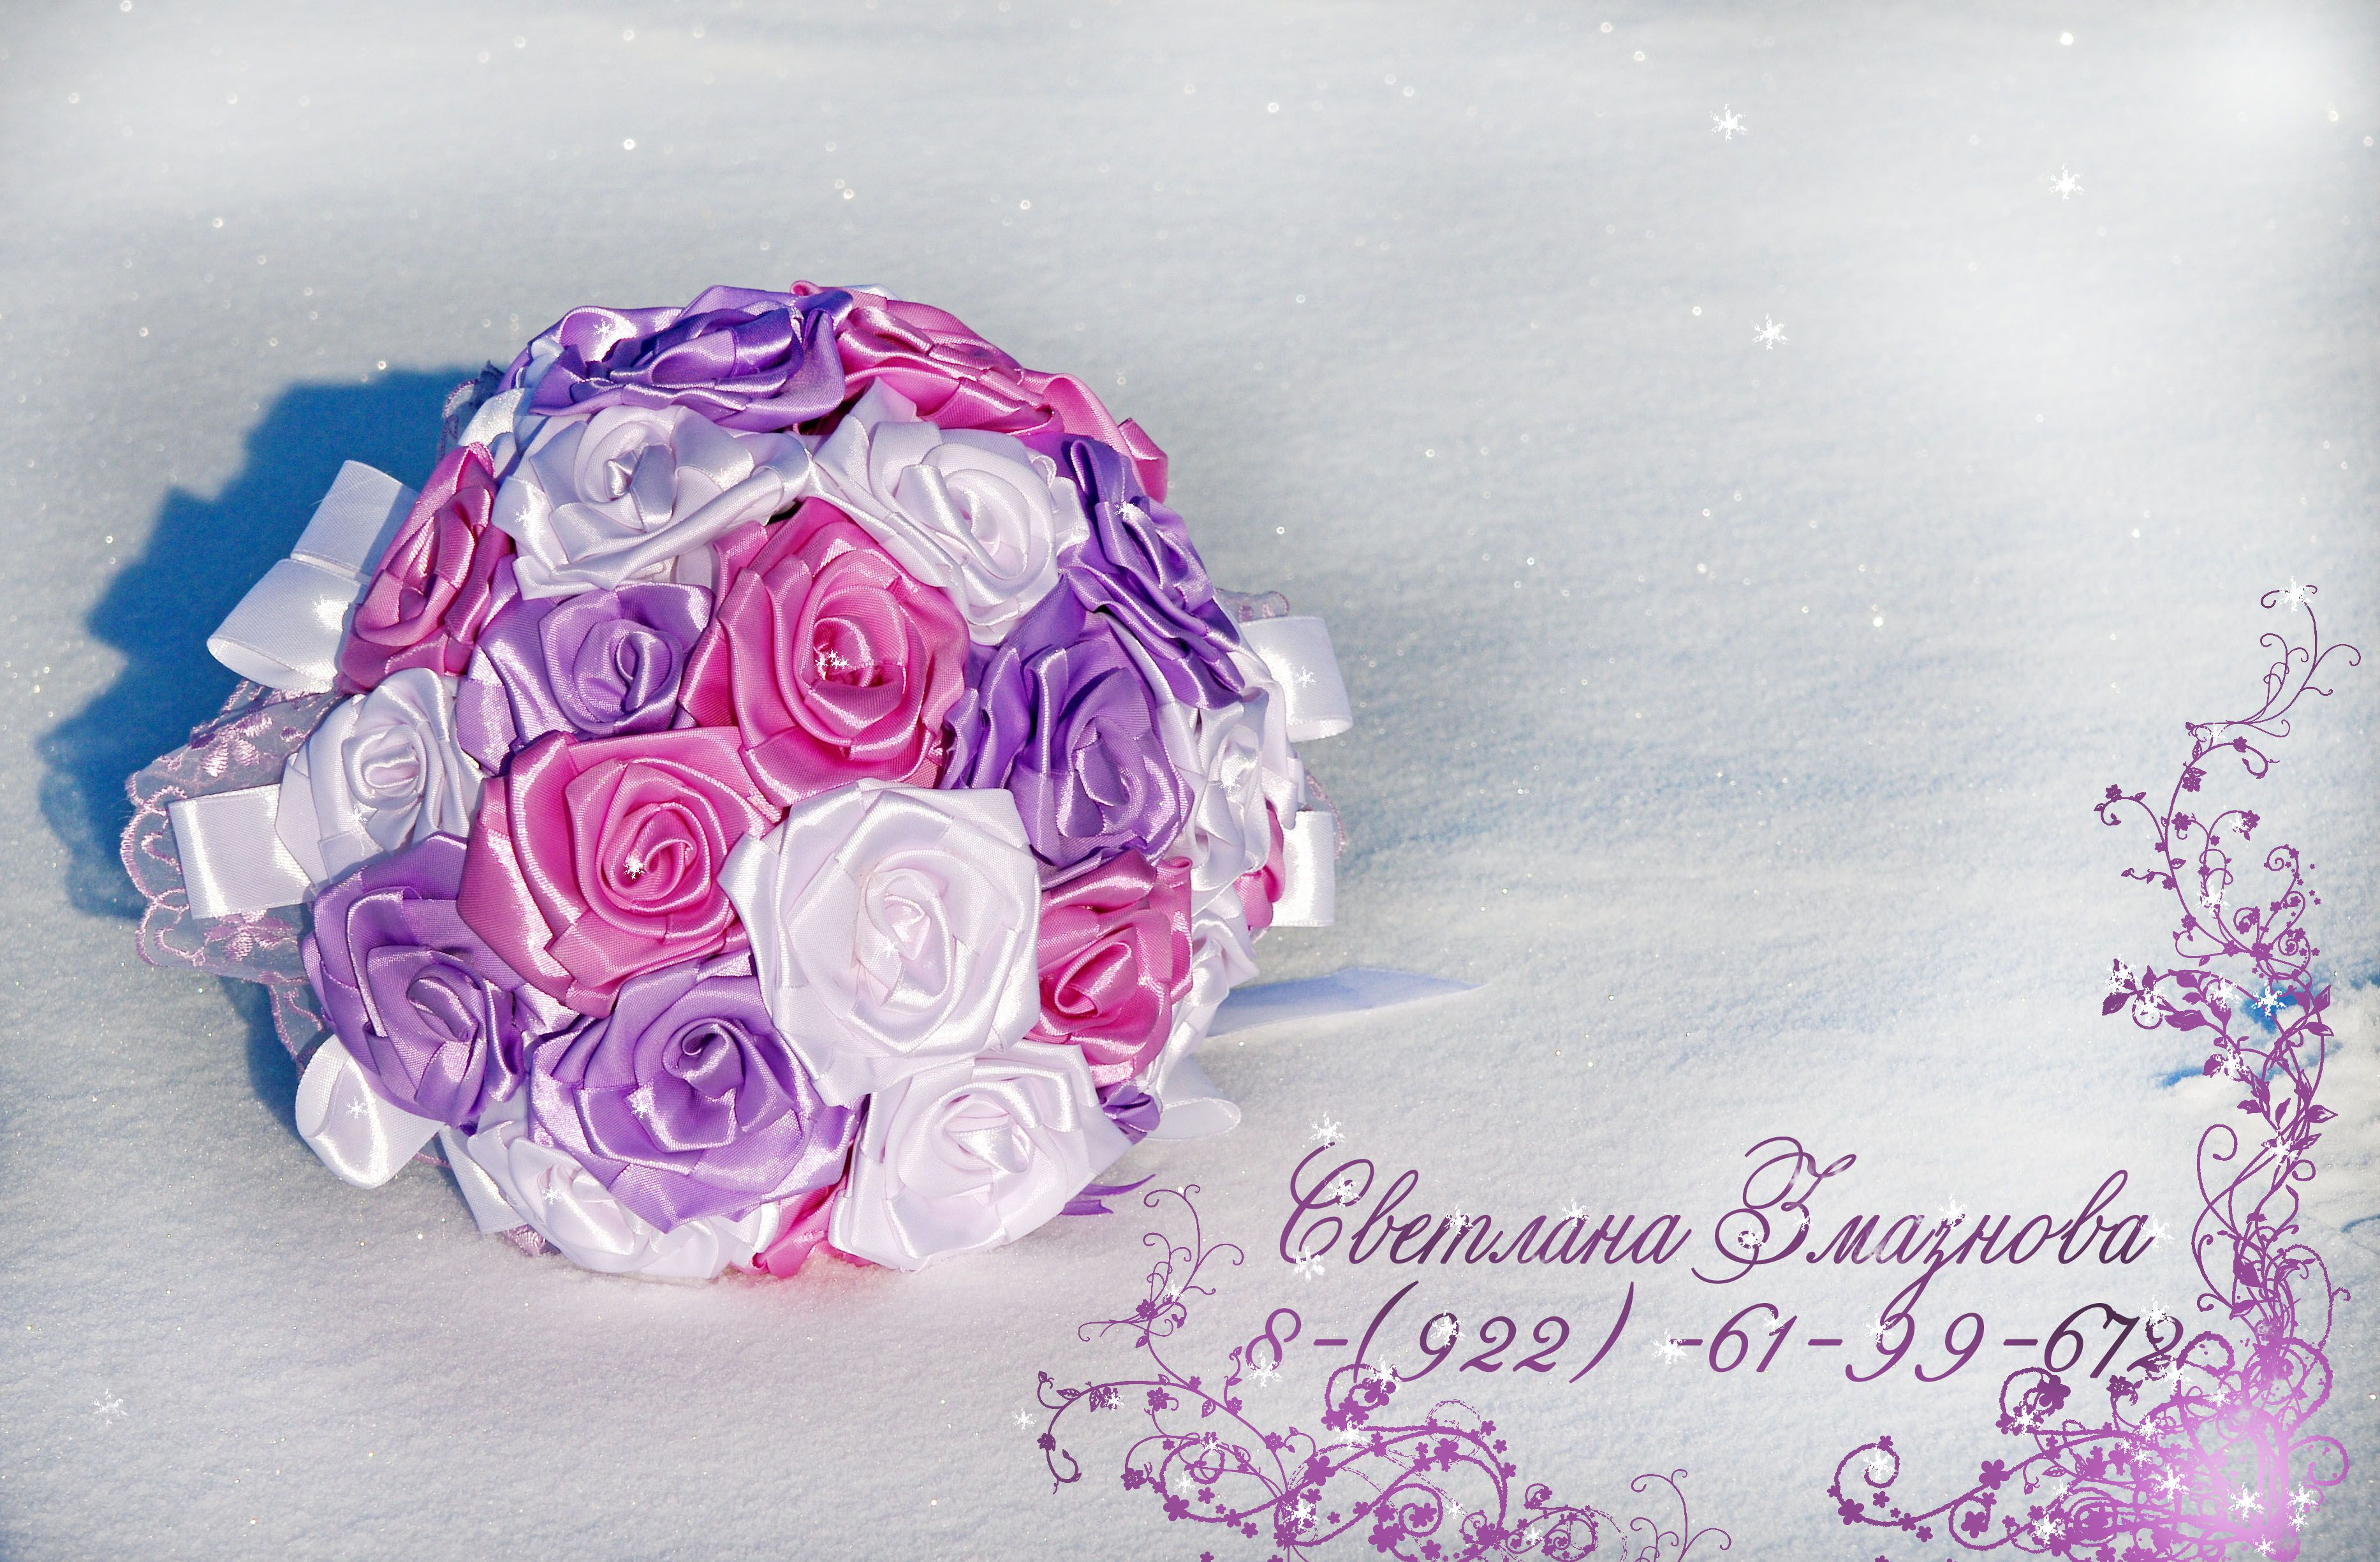 колец бутылки свадебный очаг свечи свадебныйнабор ленты кружево подушечка для аксессуары набор свадьба